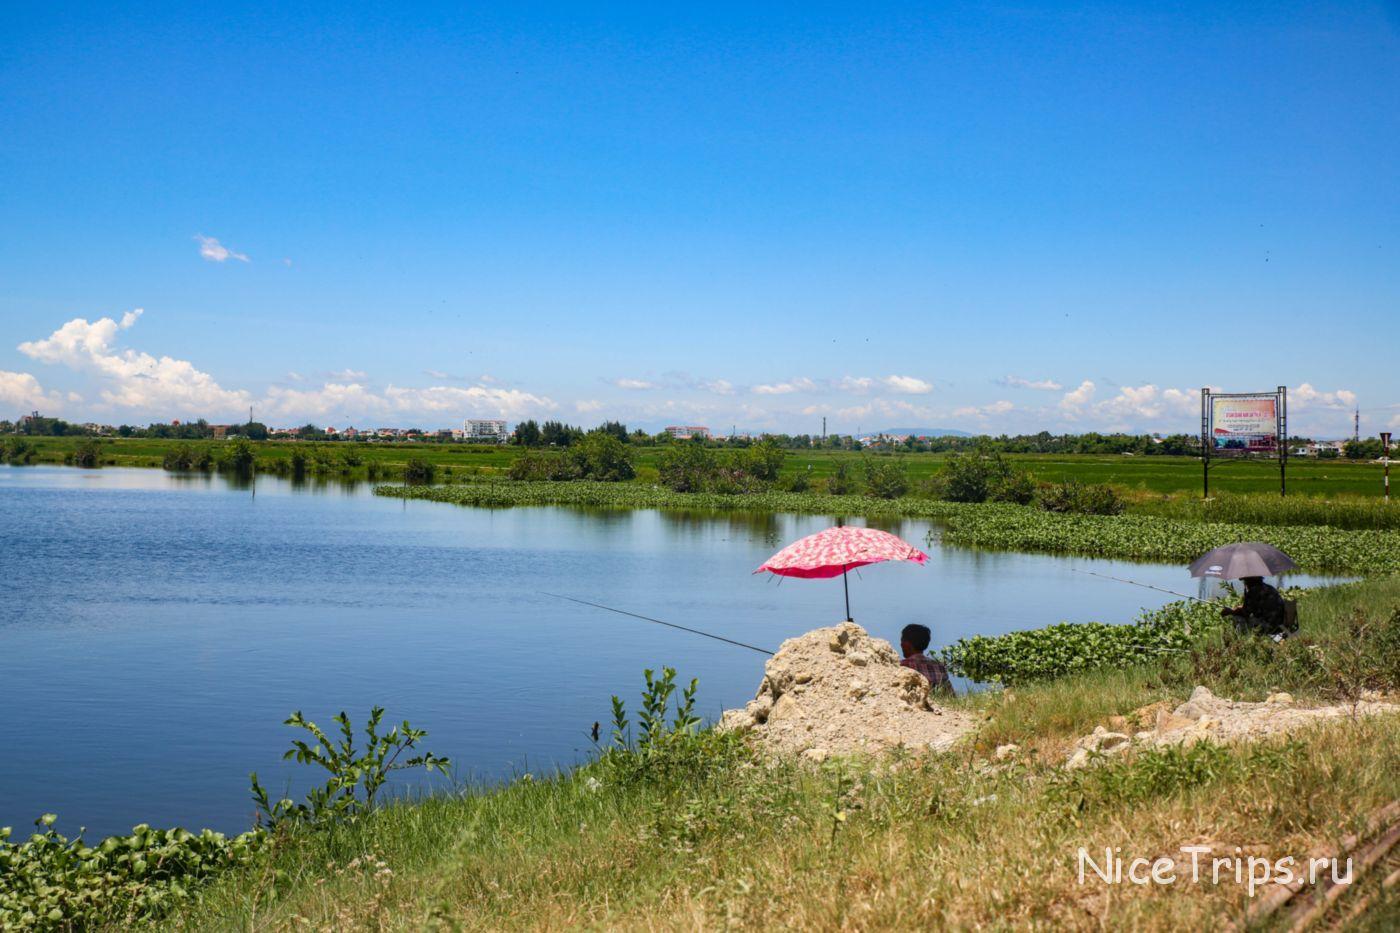 Озеро среди рисовых полей